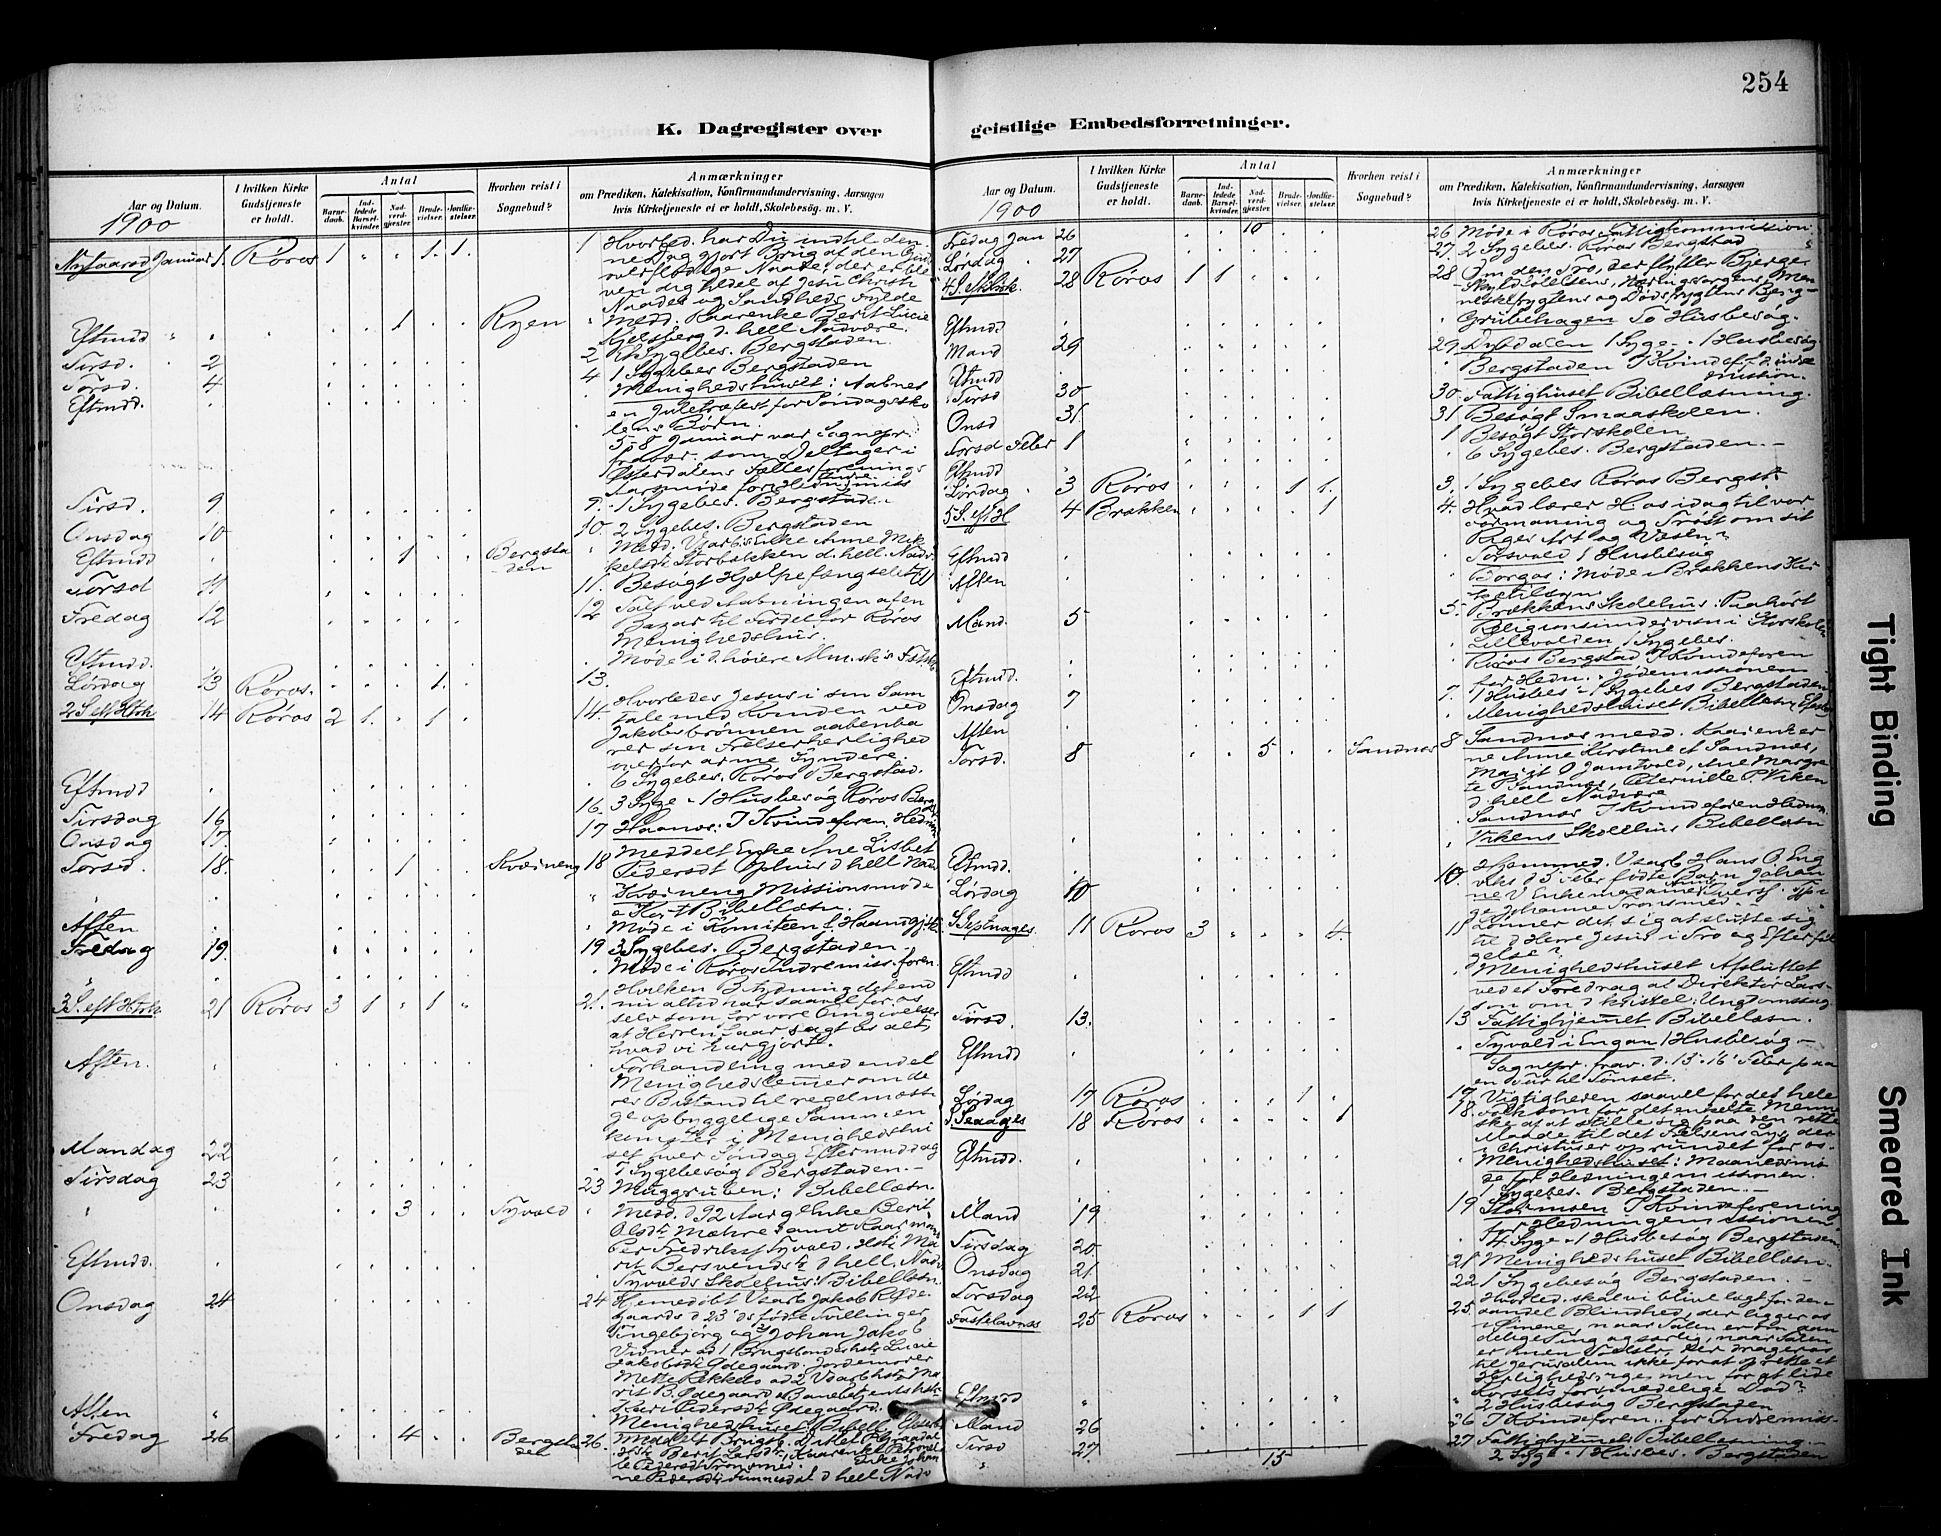 SAT, Ministerialprotokoller, klokkerbøker og fødselsregistre - Sør-Trøndelag, 681/L0936: Ministerialbok nr. 681A14, 1899-1908, s. 254